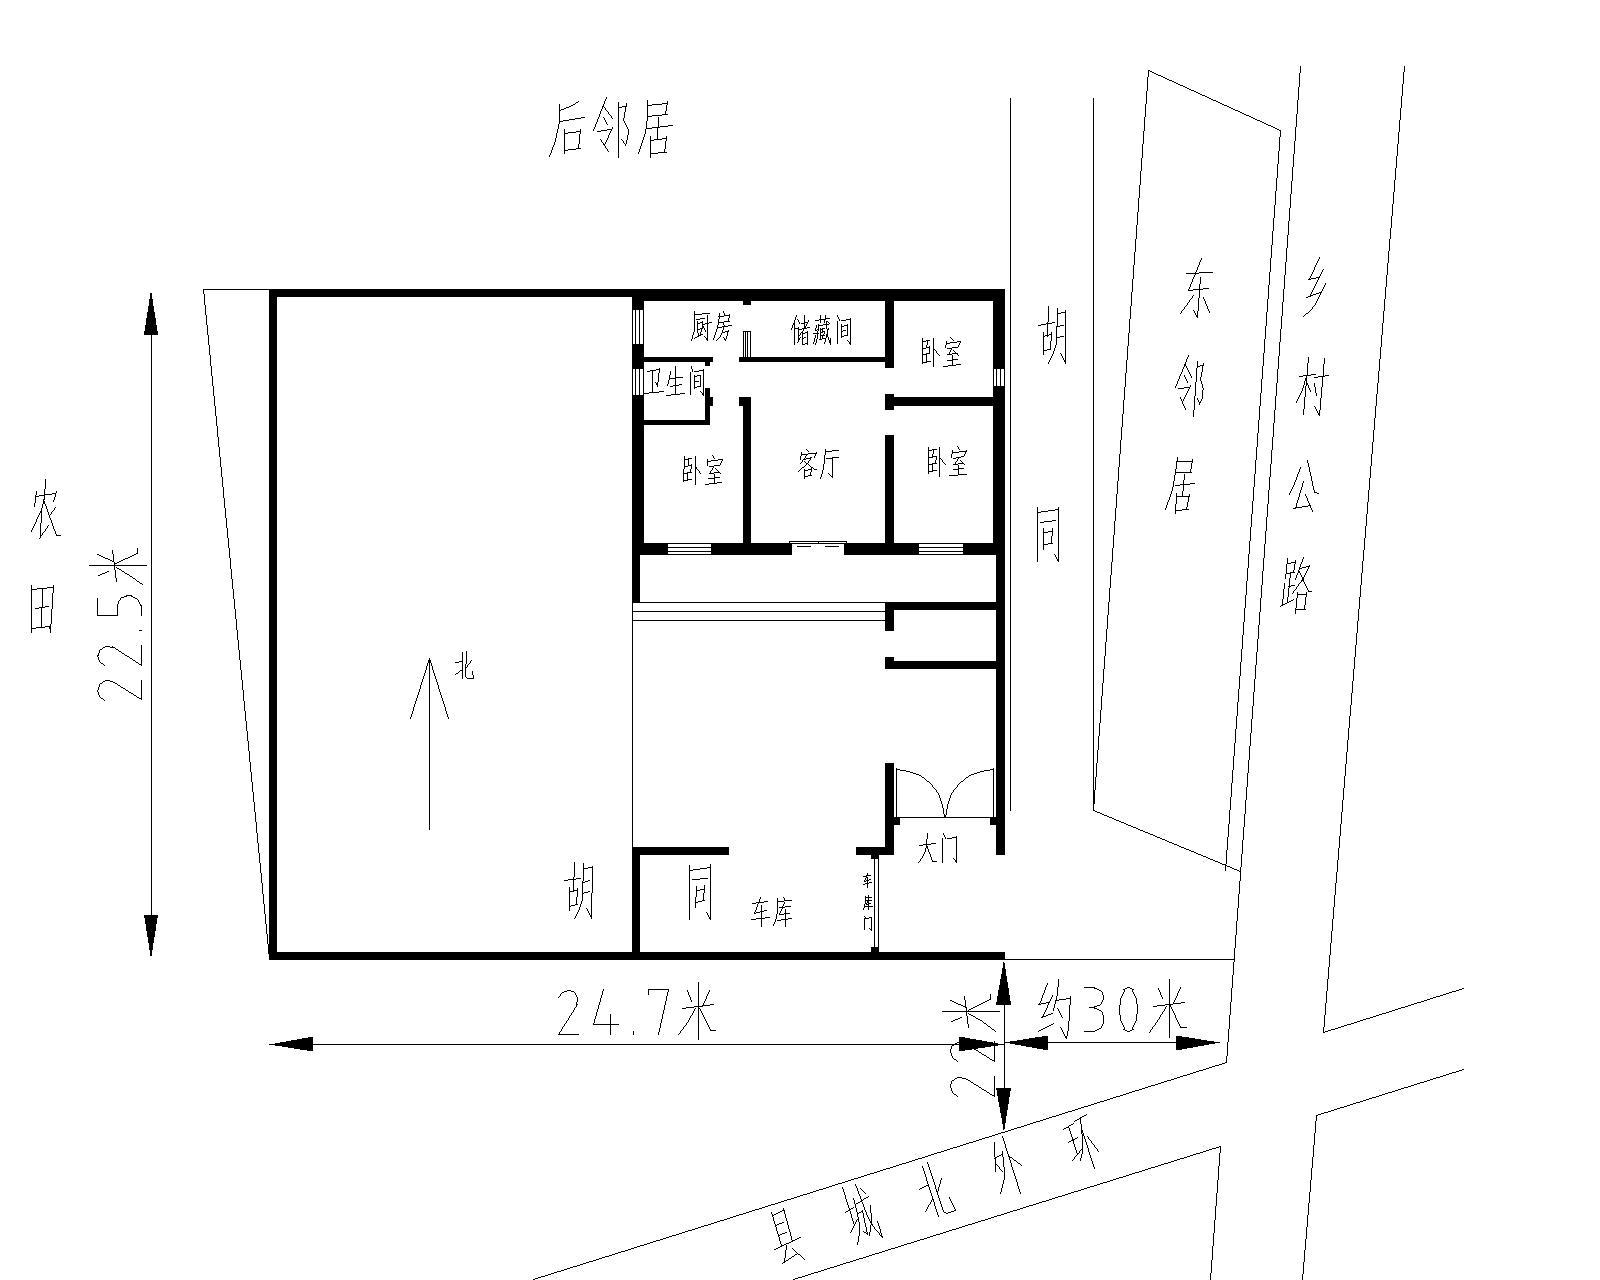 农村住宅风水设计图解[图]